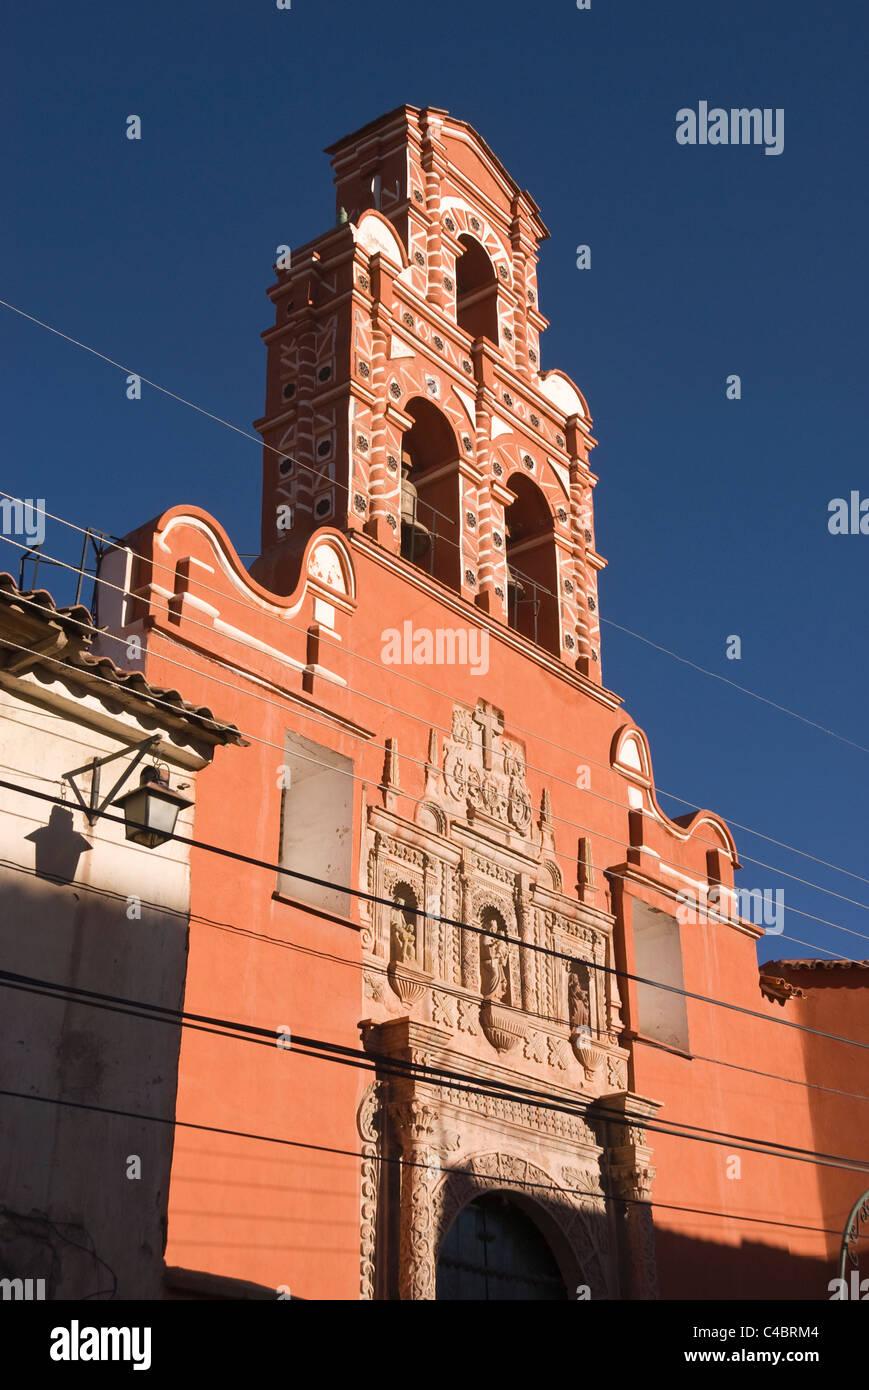 Potosi, Santa Teresa 1685, facade - Stock Image